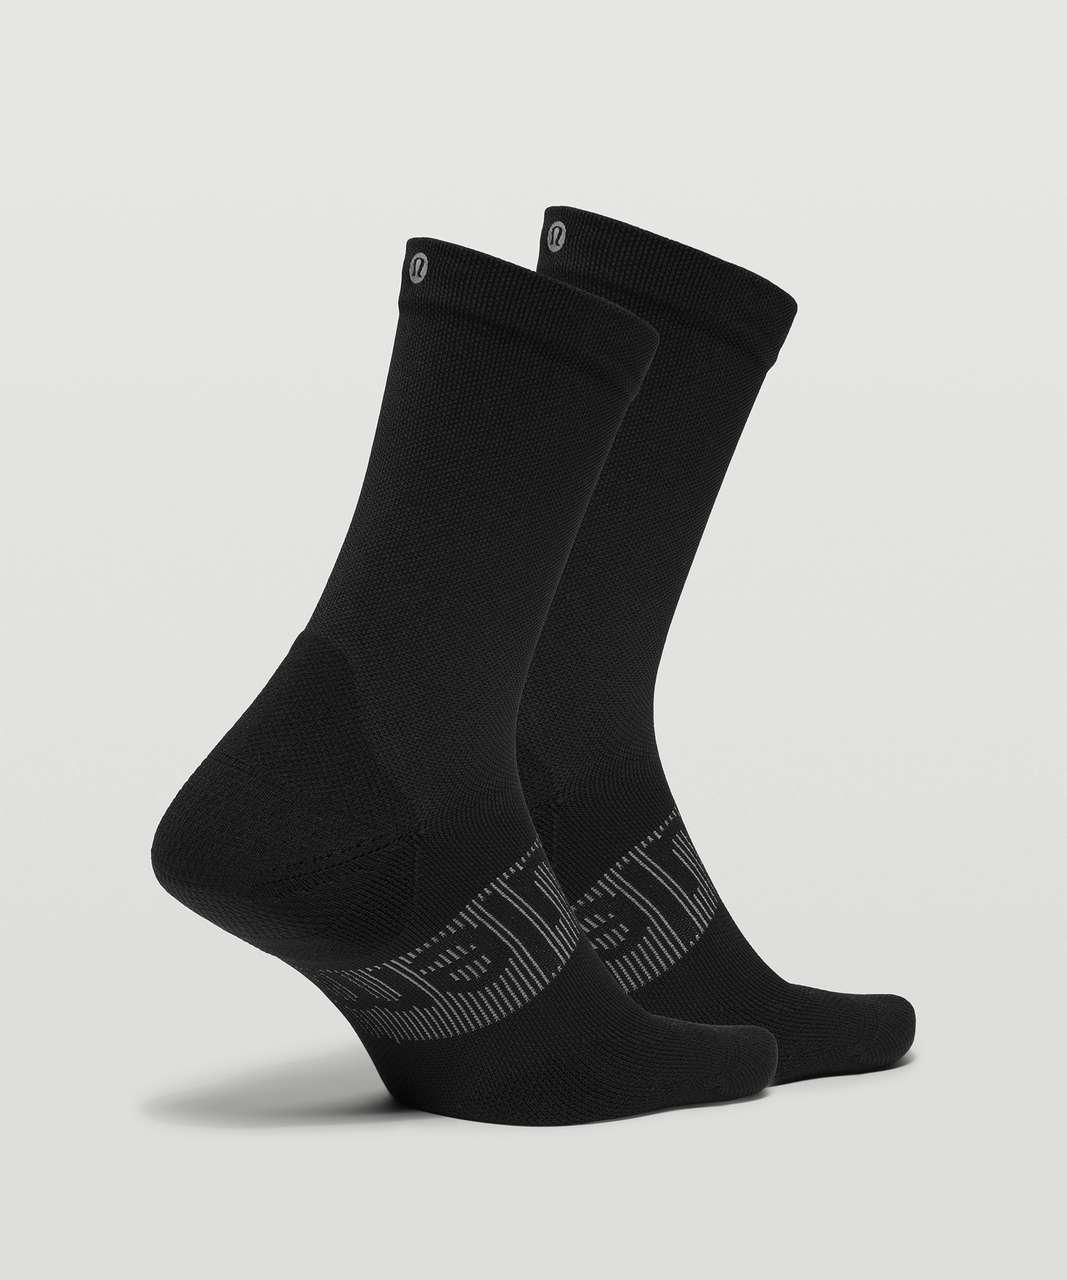 Lululemon Power Stride Crew Sock *2 Pack - Black